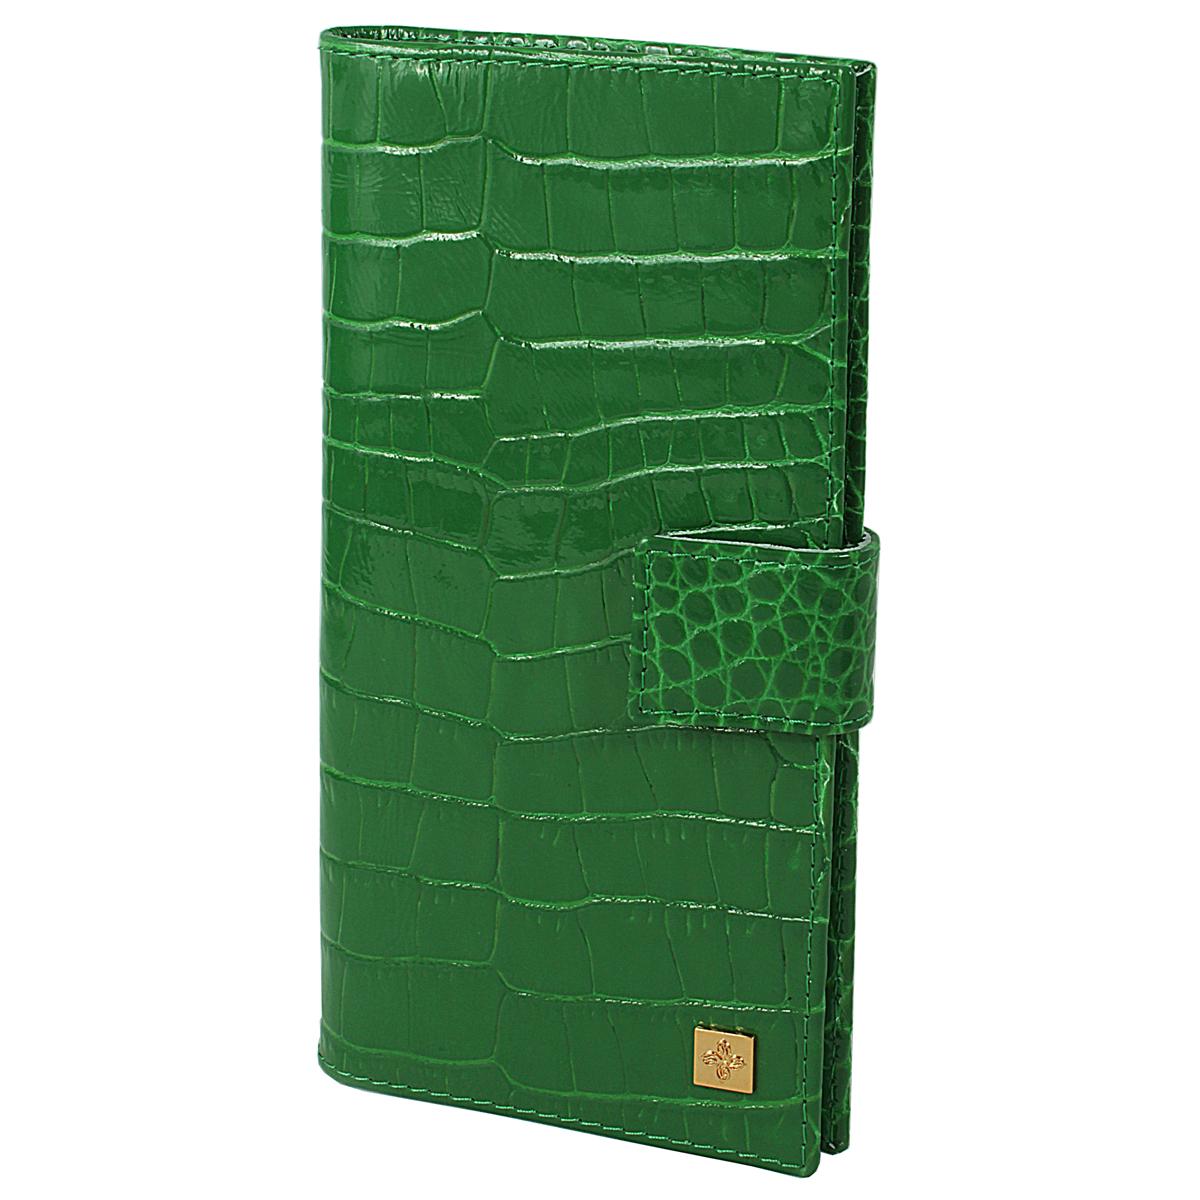 Портмоне женское Казино Dimanche Optima, цвет: зеленый. 987987Стильное женское портмоне Optima выполнено из высококачественной натуральной лаковой кожи с тиснением. Портмоне закрывается при помощи хлястика на кнопку. Внутри - четыре отделения для купюр, одиннадцать кармашков для визиток, карман на молнии для монет и два кармашка для sim-карт. Портмоне упаковано в фирменную картонную коробку. Характеристики: Материал: натуральная кожа, текстиль, металл. Размер портмоне: 18,5 см х 8,5 см х 3 см. Цвет: зеленый.